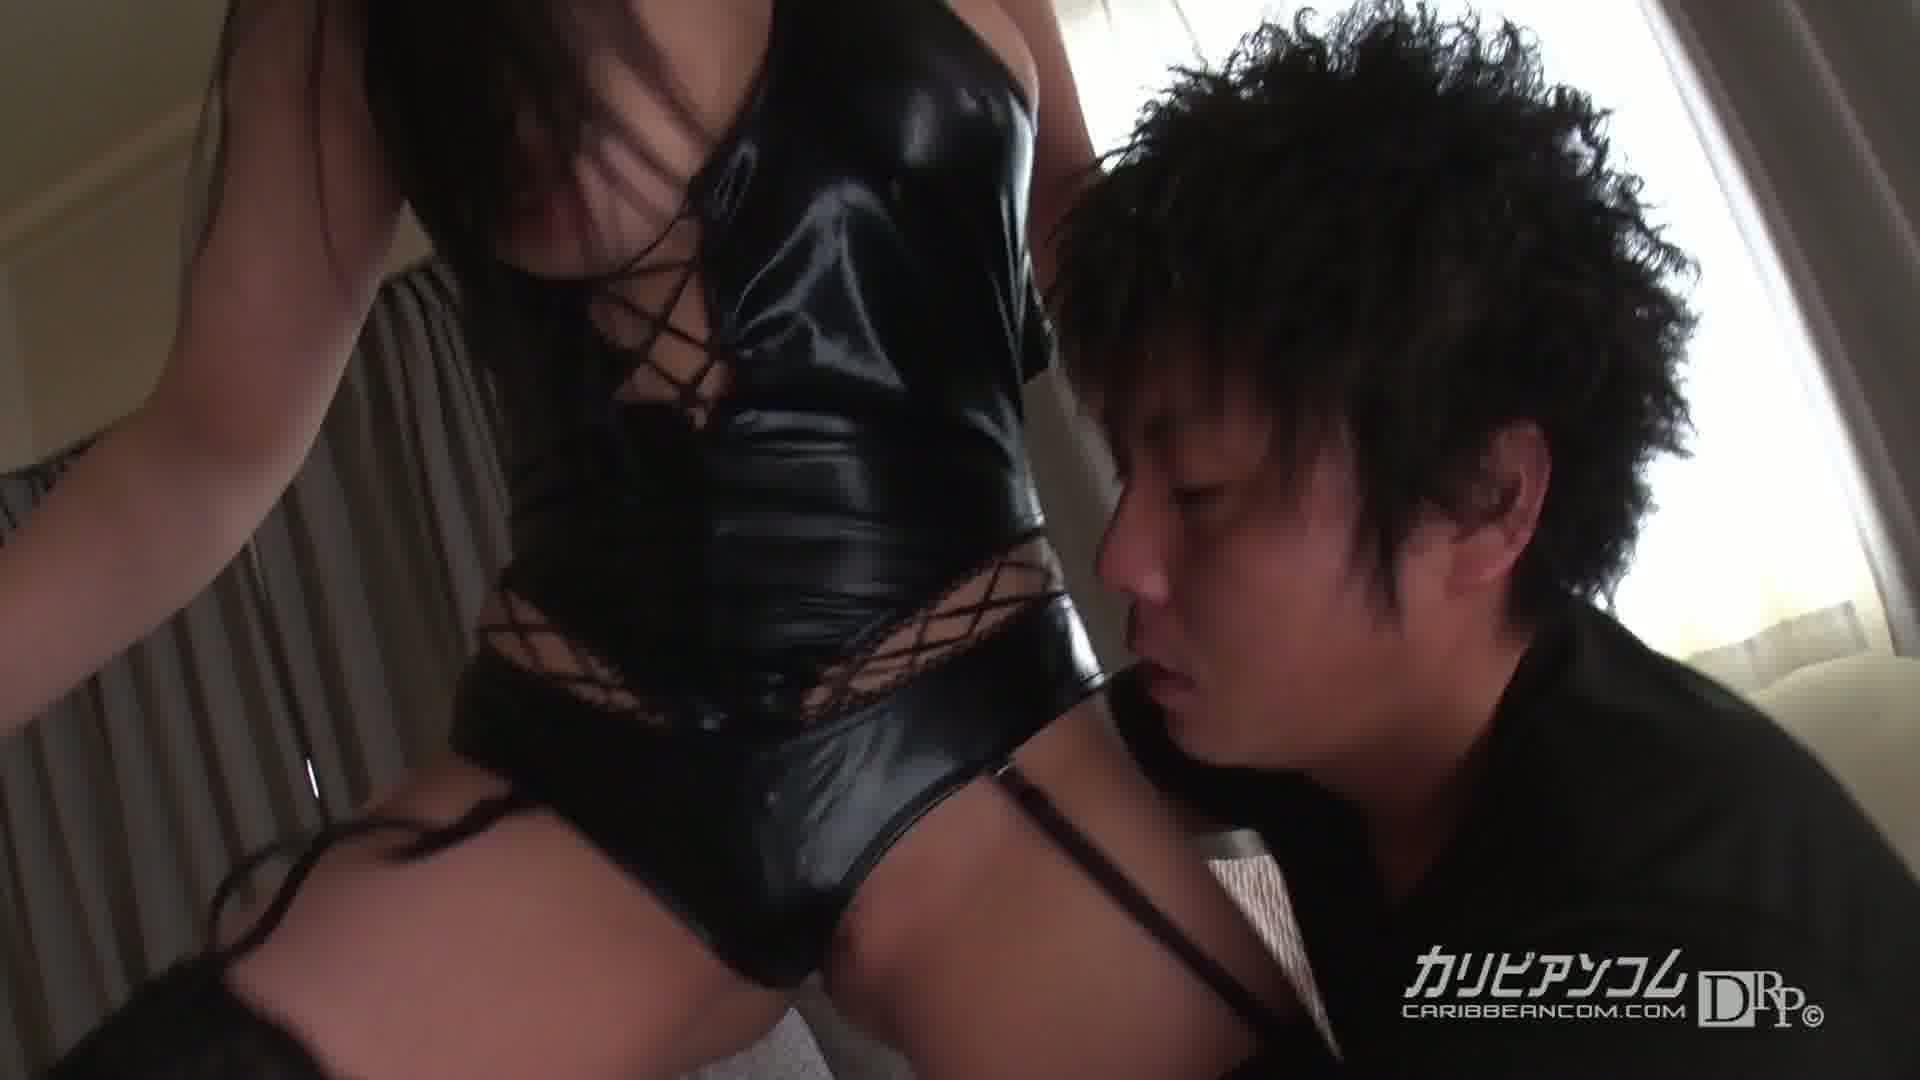 鬼イキトランス 18 - 黒木澪【巨乳・ボンテージ・イラマチオ】